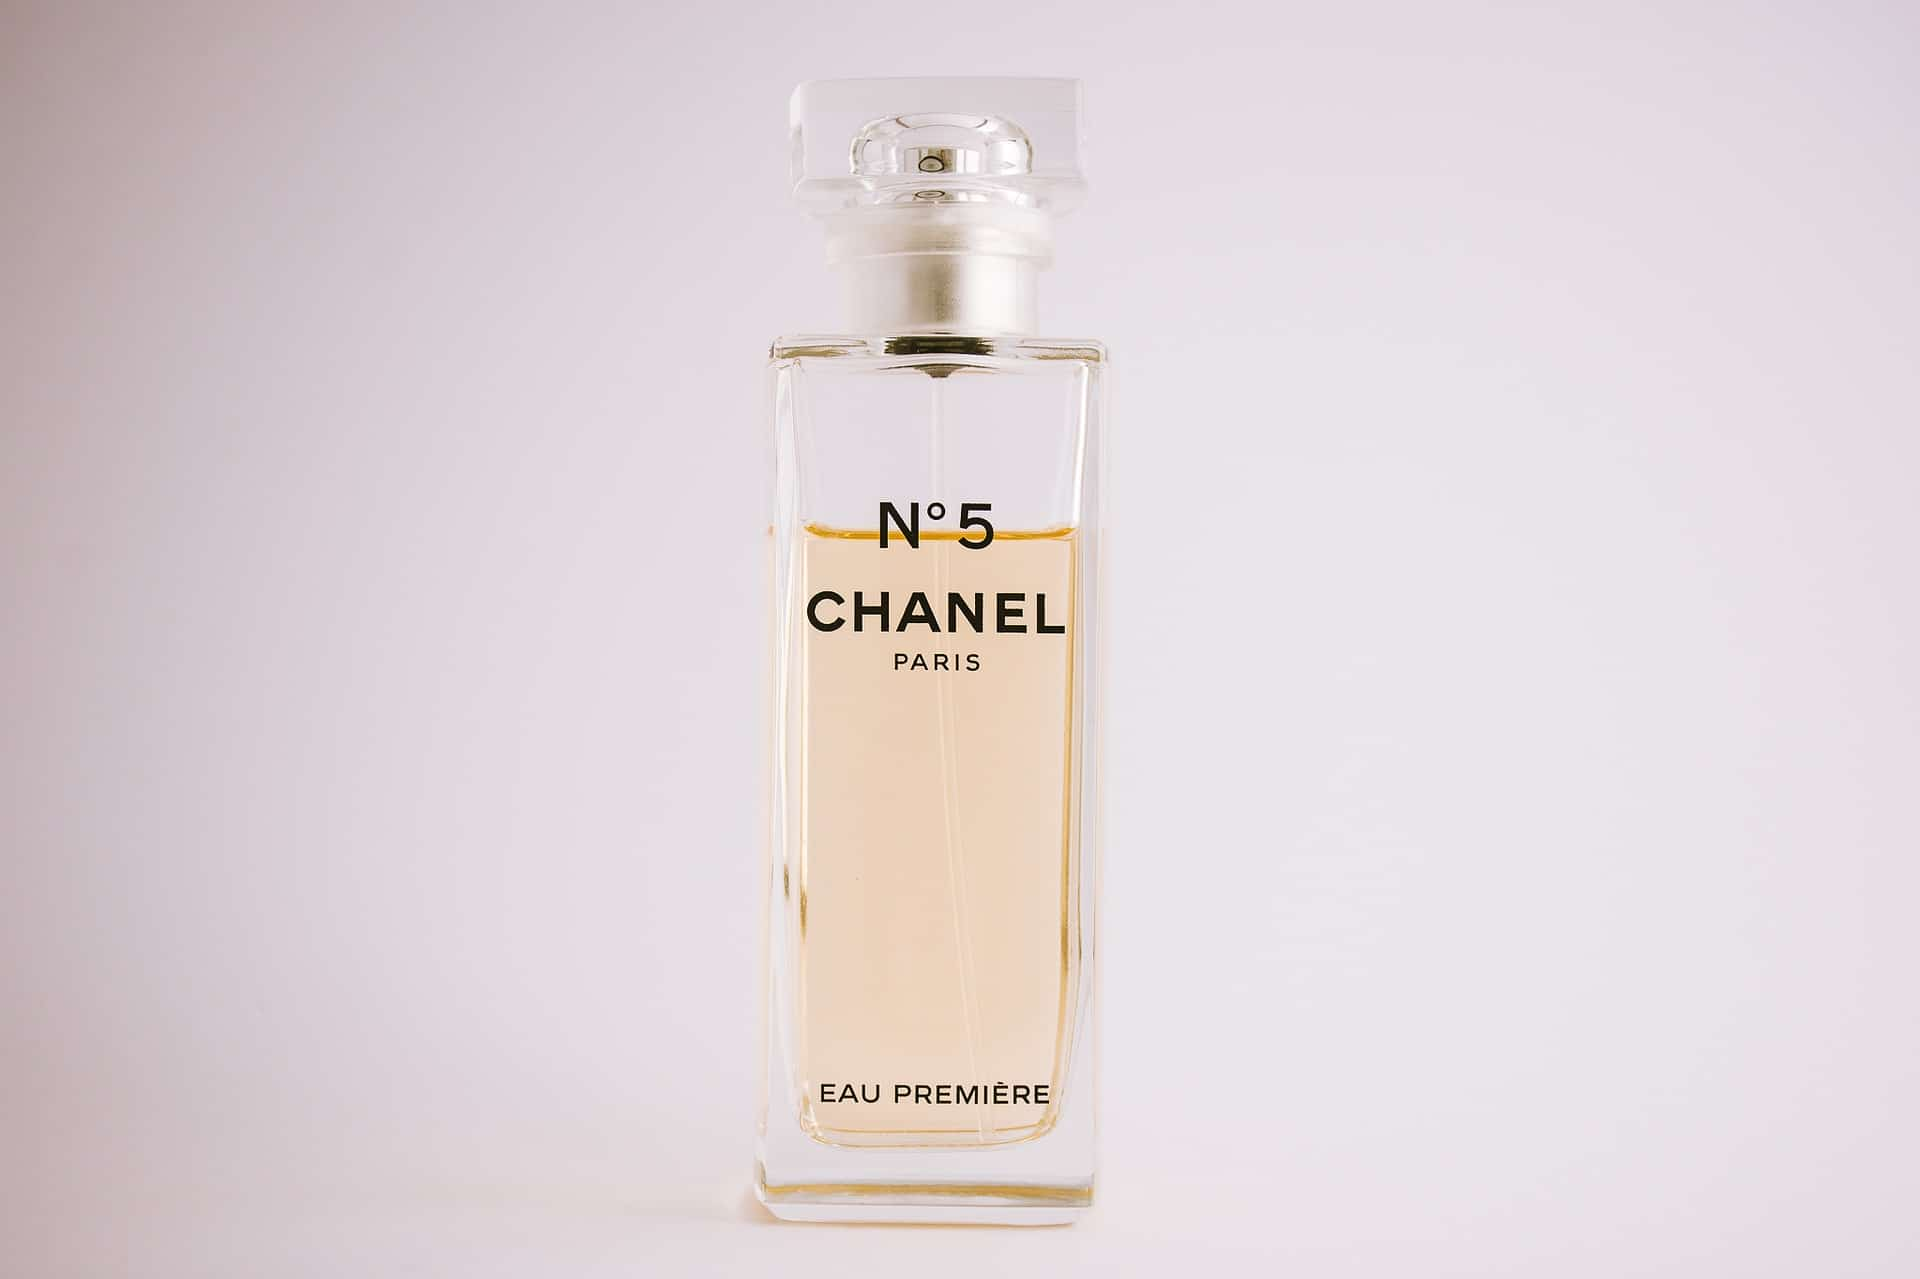 Napodobeniny Chanel v našej ponuke - parfen.sk 75753c6508e